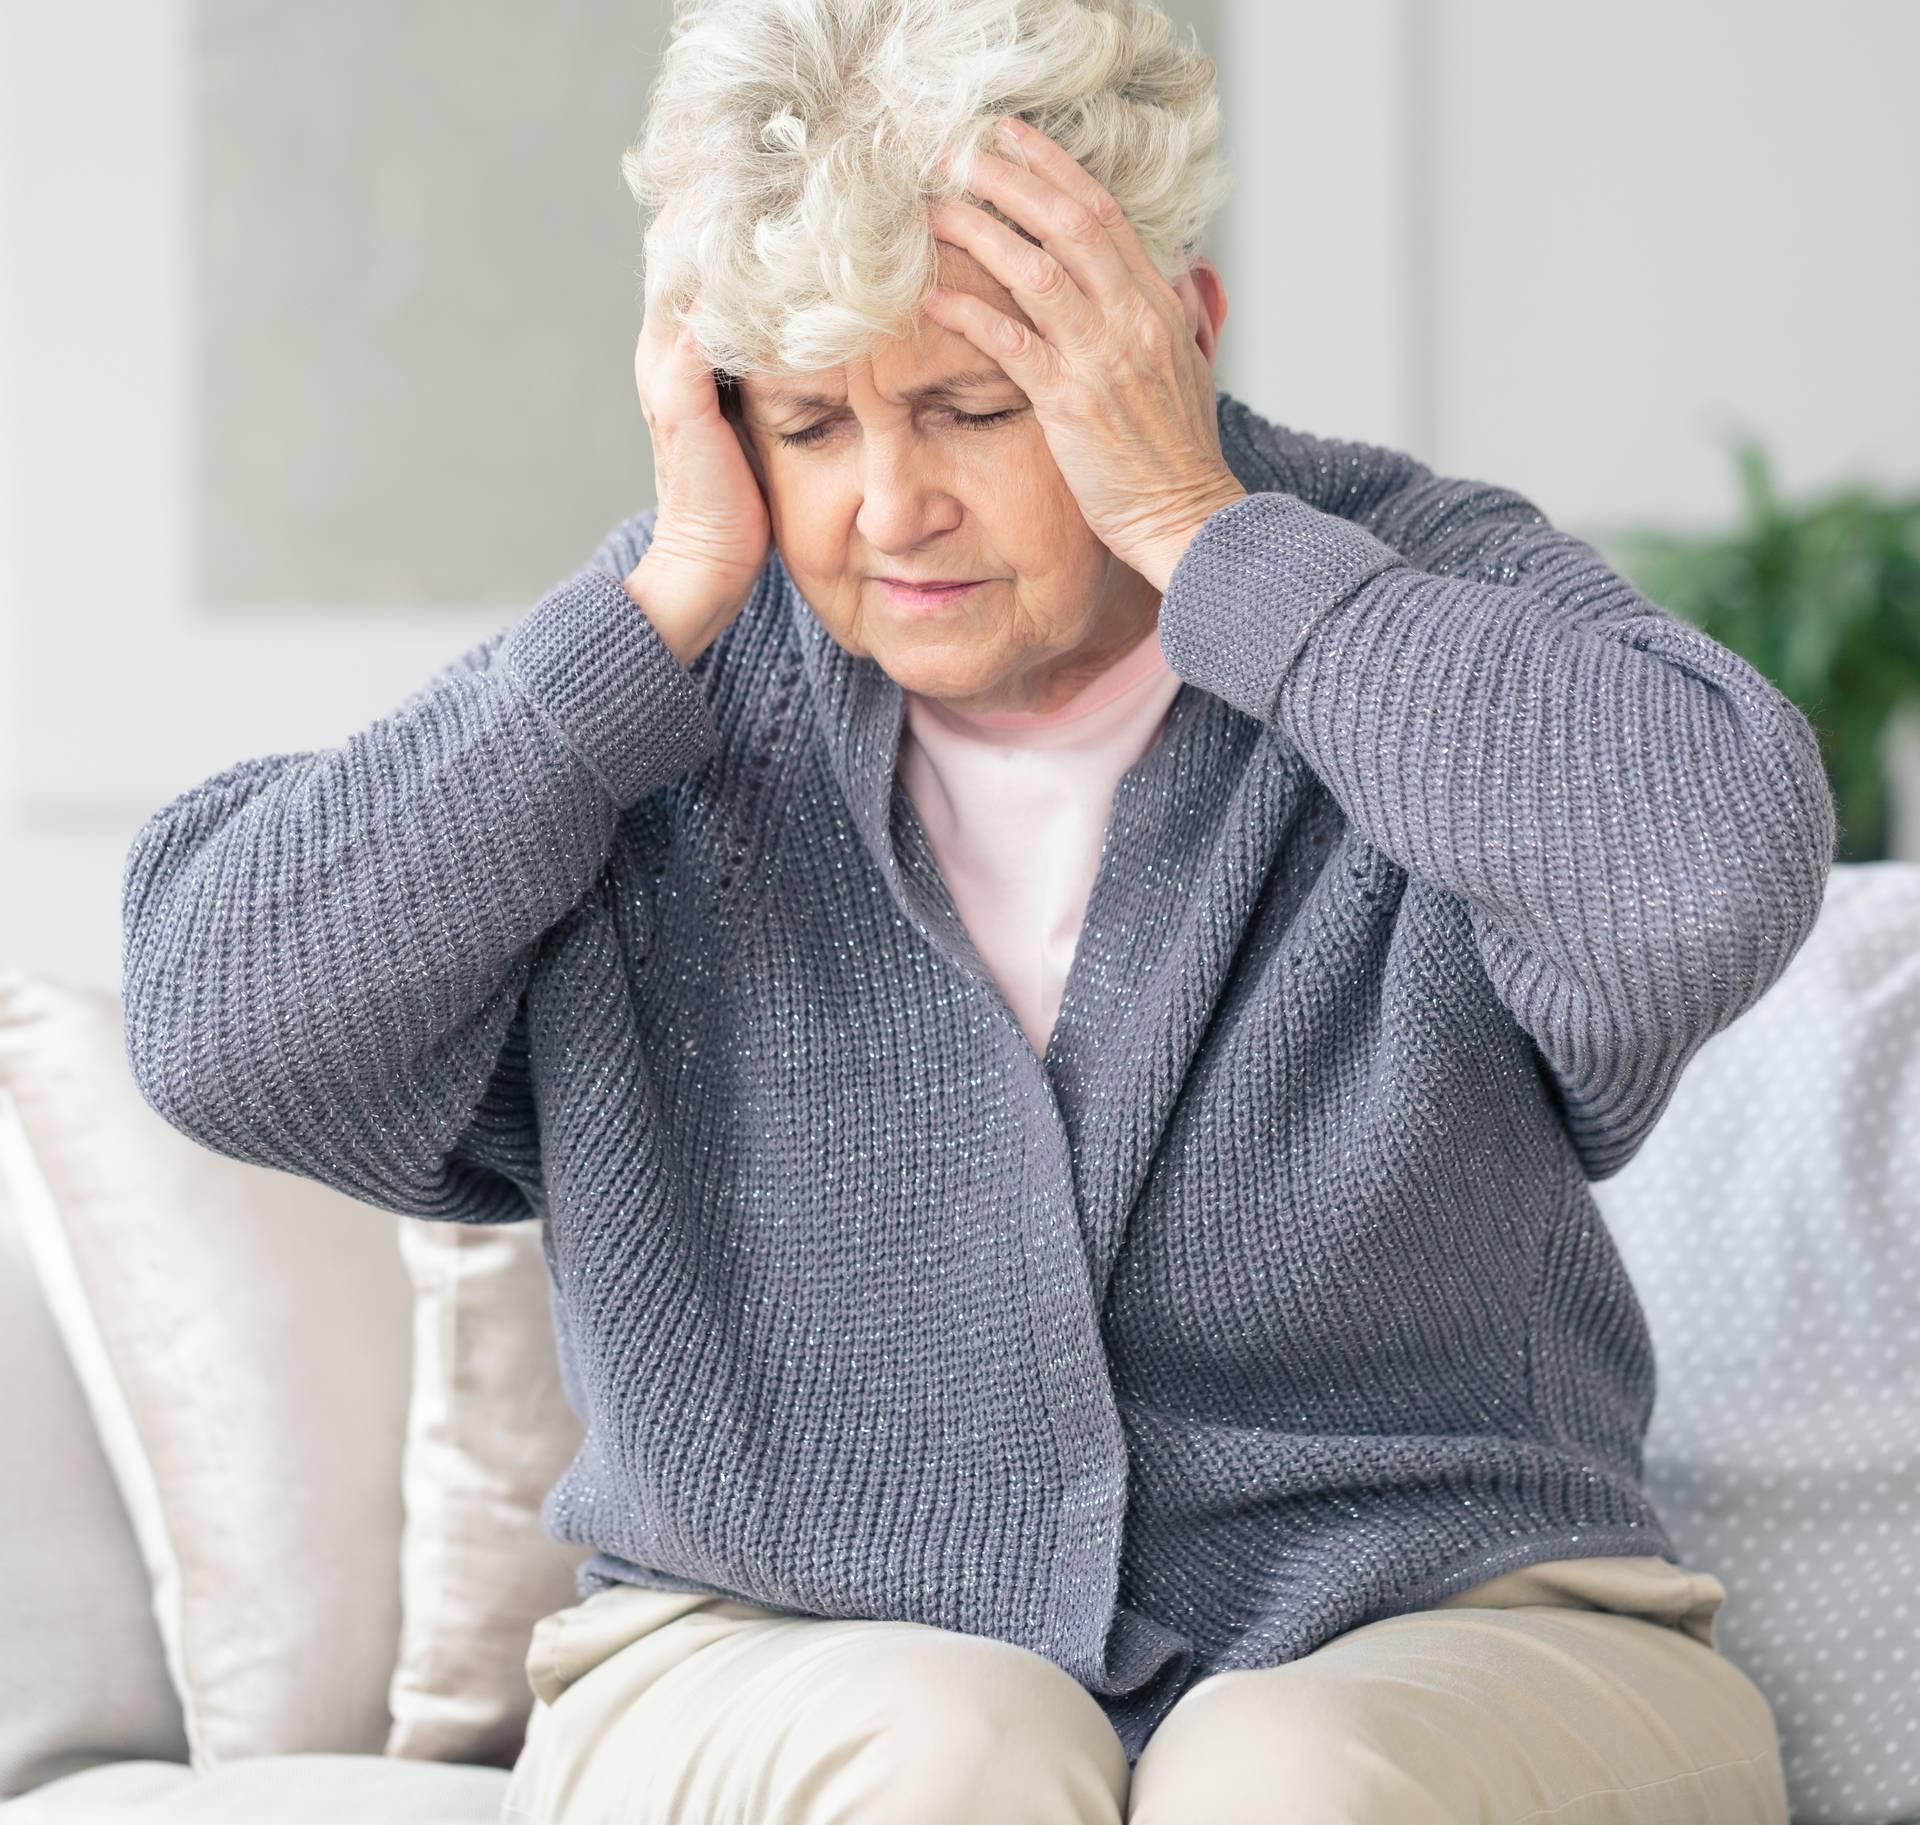 Prevencija: Pušenje je krivo za više od 10% moždanih udara